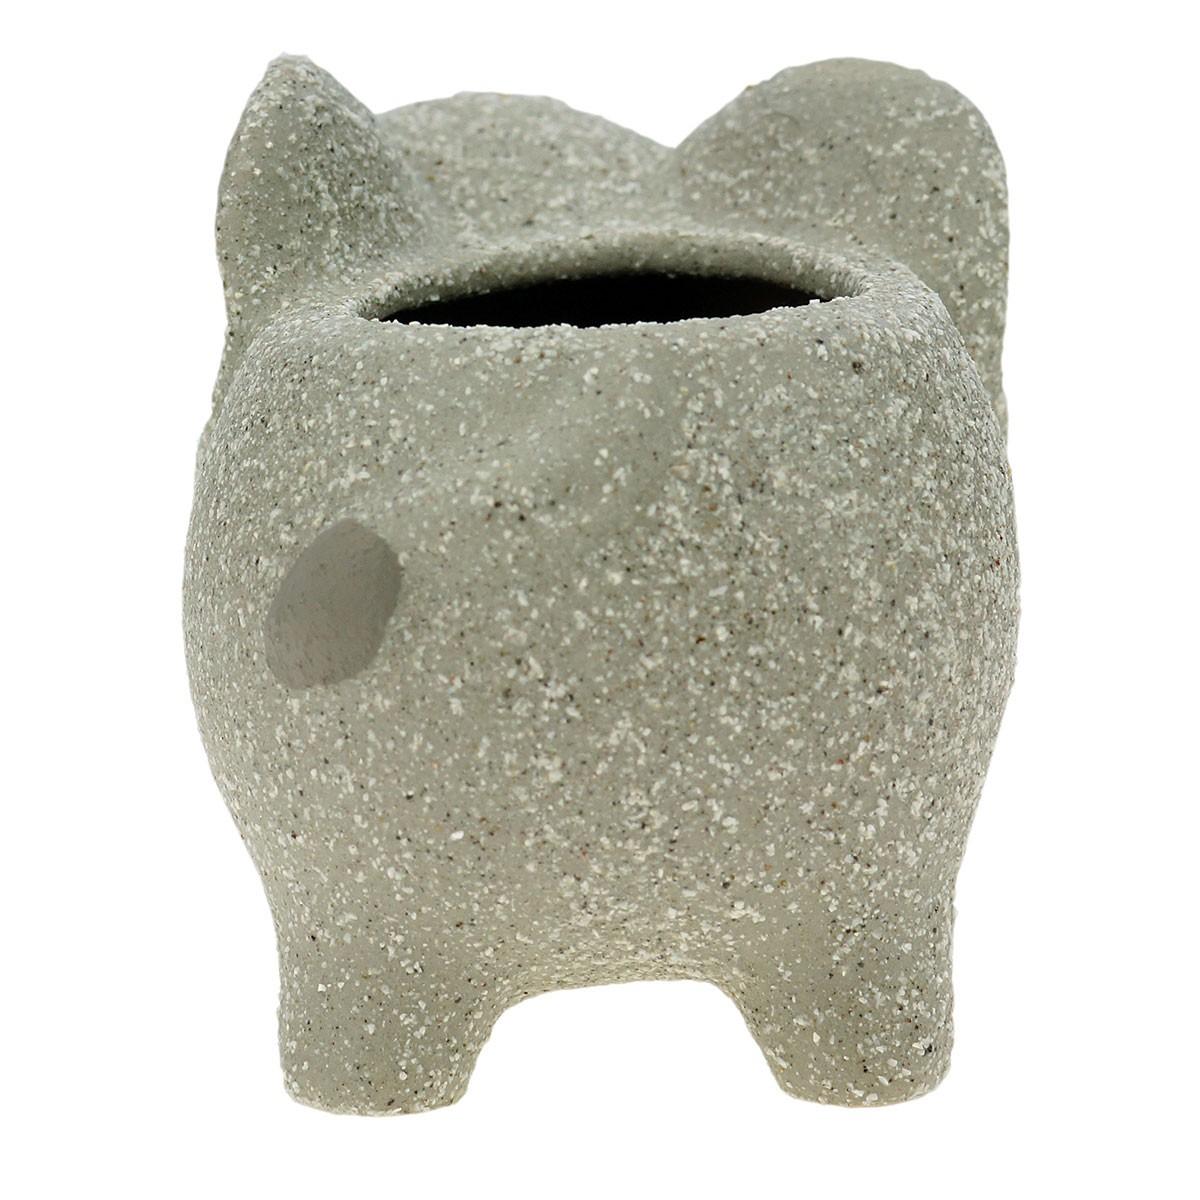 Cachepot Concreto Vaso Decorativo Baby Elefante Cinza